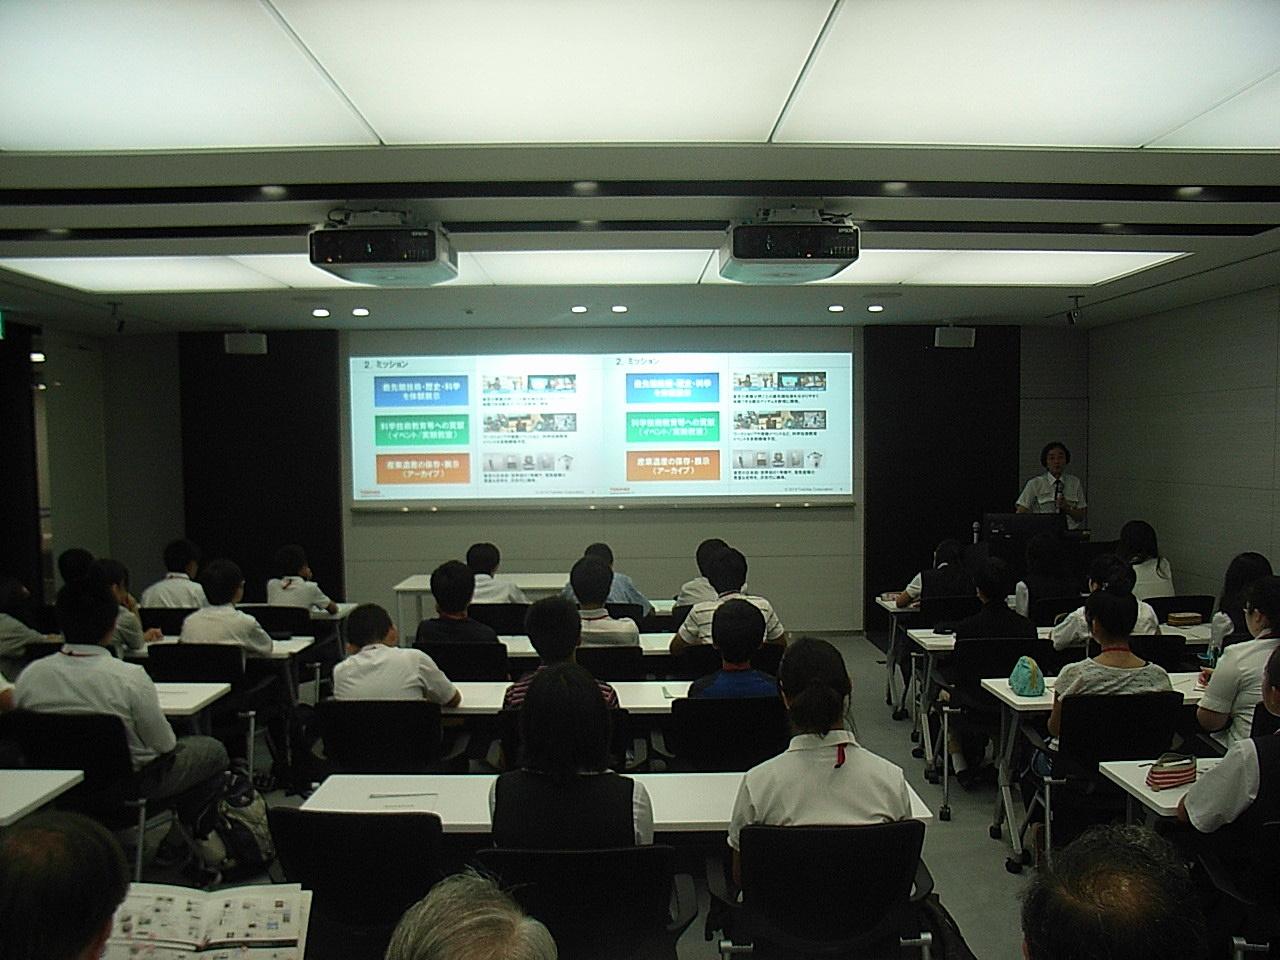 電機・電子・情報通信産業経営者連盟|情報提供|人材育成|政策提言|東京都千代田区